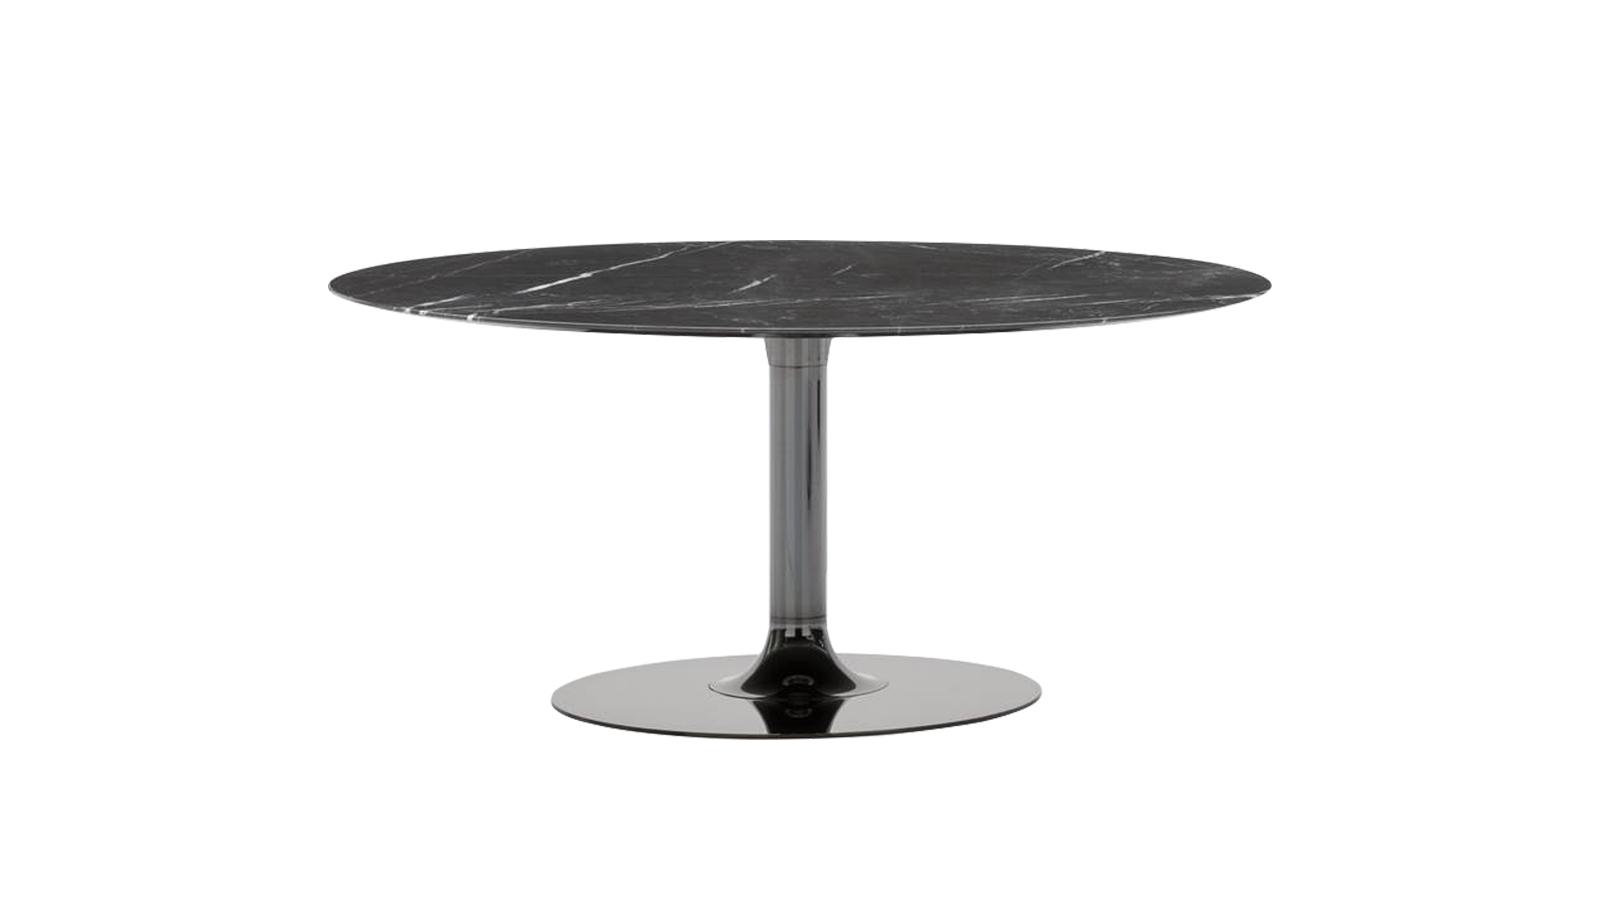 Az Oliver asztalcsalád inspiráló elve az a lenyűgöző látvány, melyet a fém vizuális mozgalmassága vált ki. A talapzat zökkenőmentesen alakul át vékony csőből kör alakú alappá, és egybefüggő, csillogó felületet kínál. A nappaliba és étkezőbe egyaránt megalkotott alkotás több anyagváltozatban is elérhető.